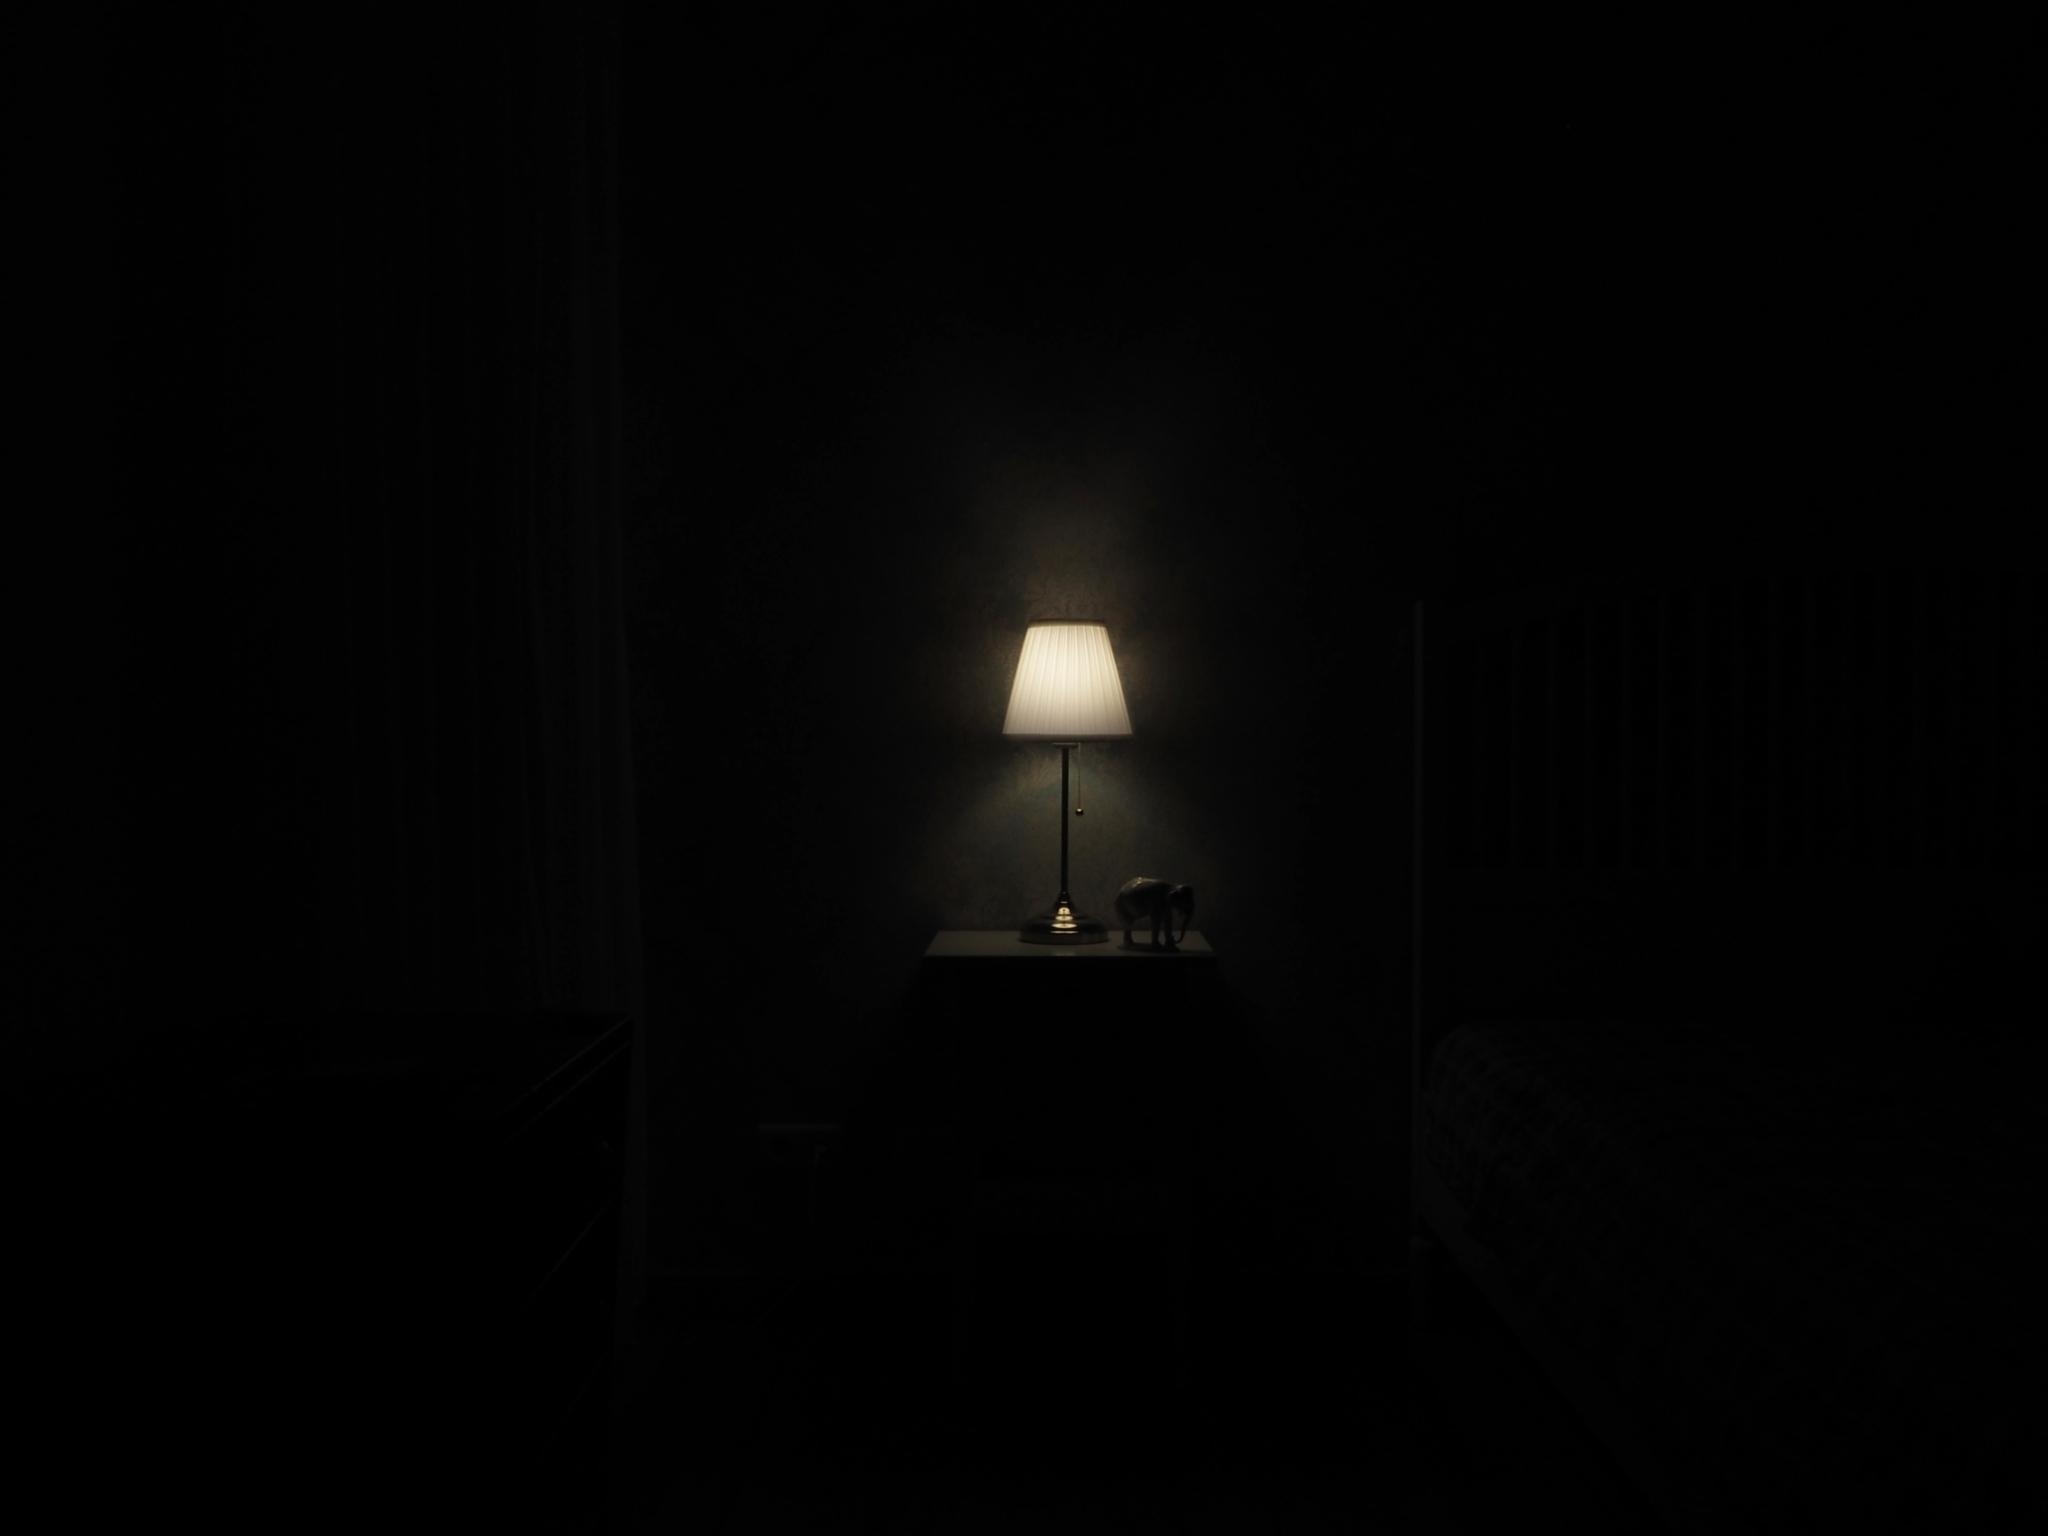 Lamp in dark room